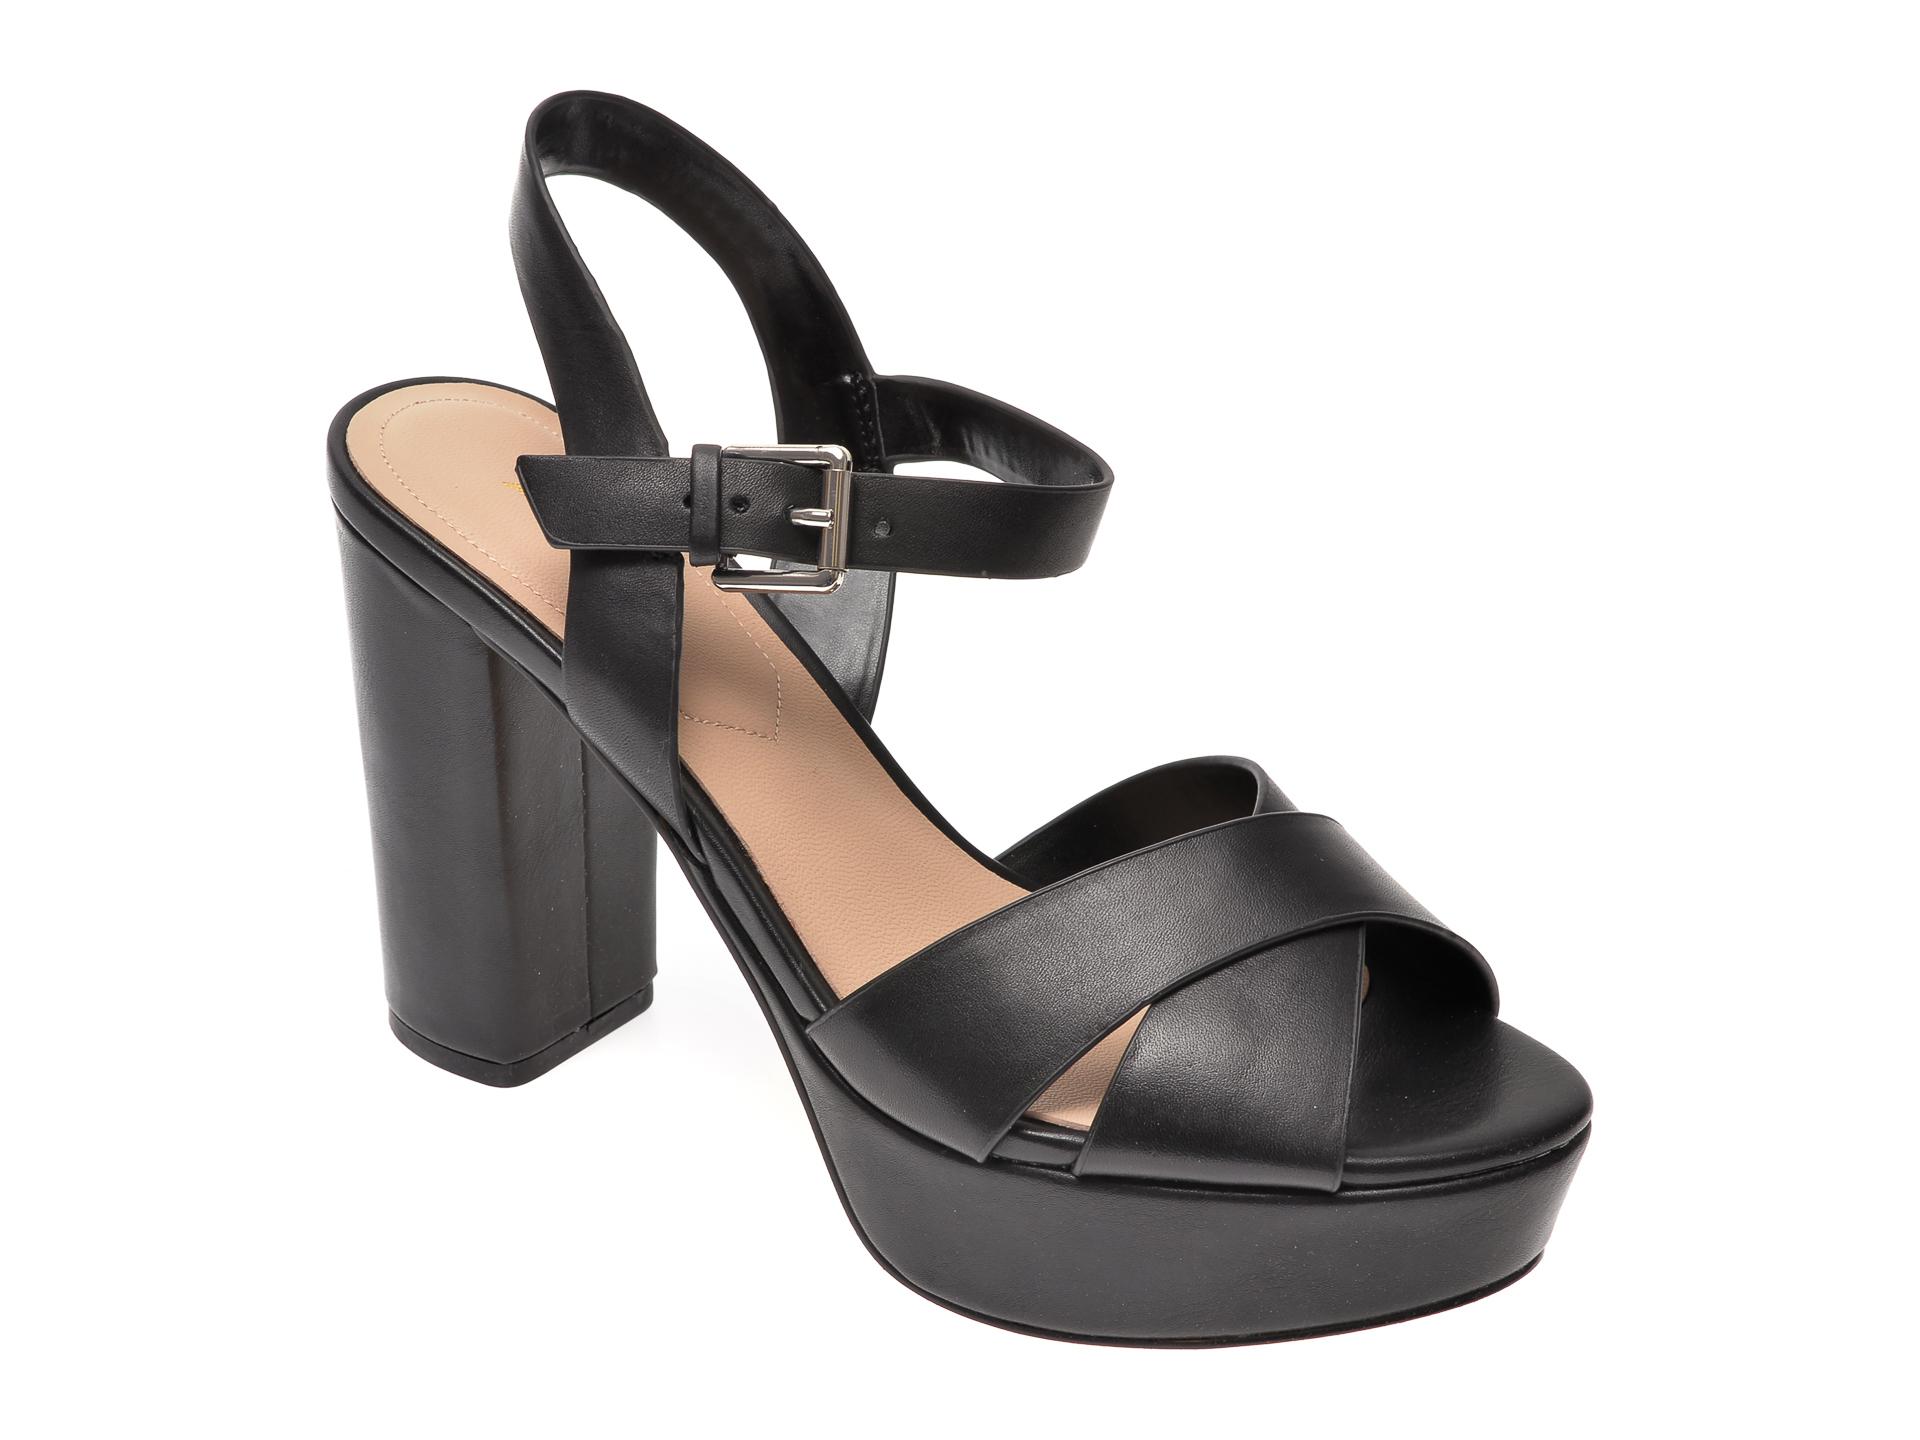 Sandale ALDO negre, Platina001, din piele naturala